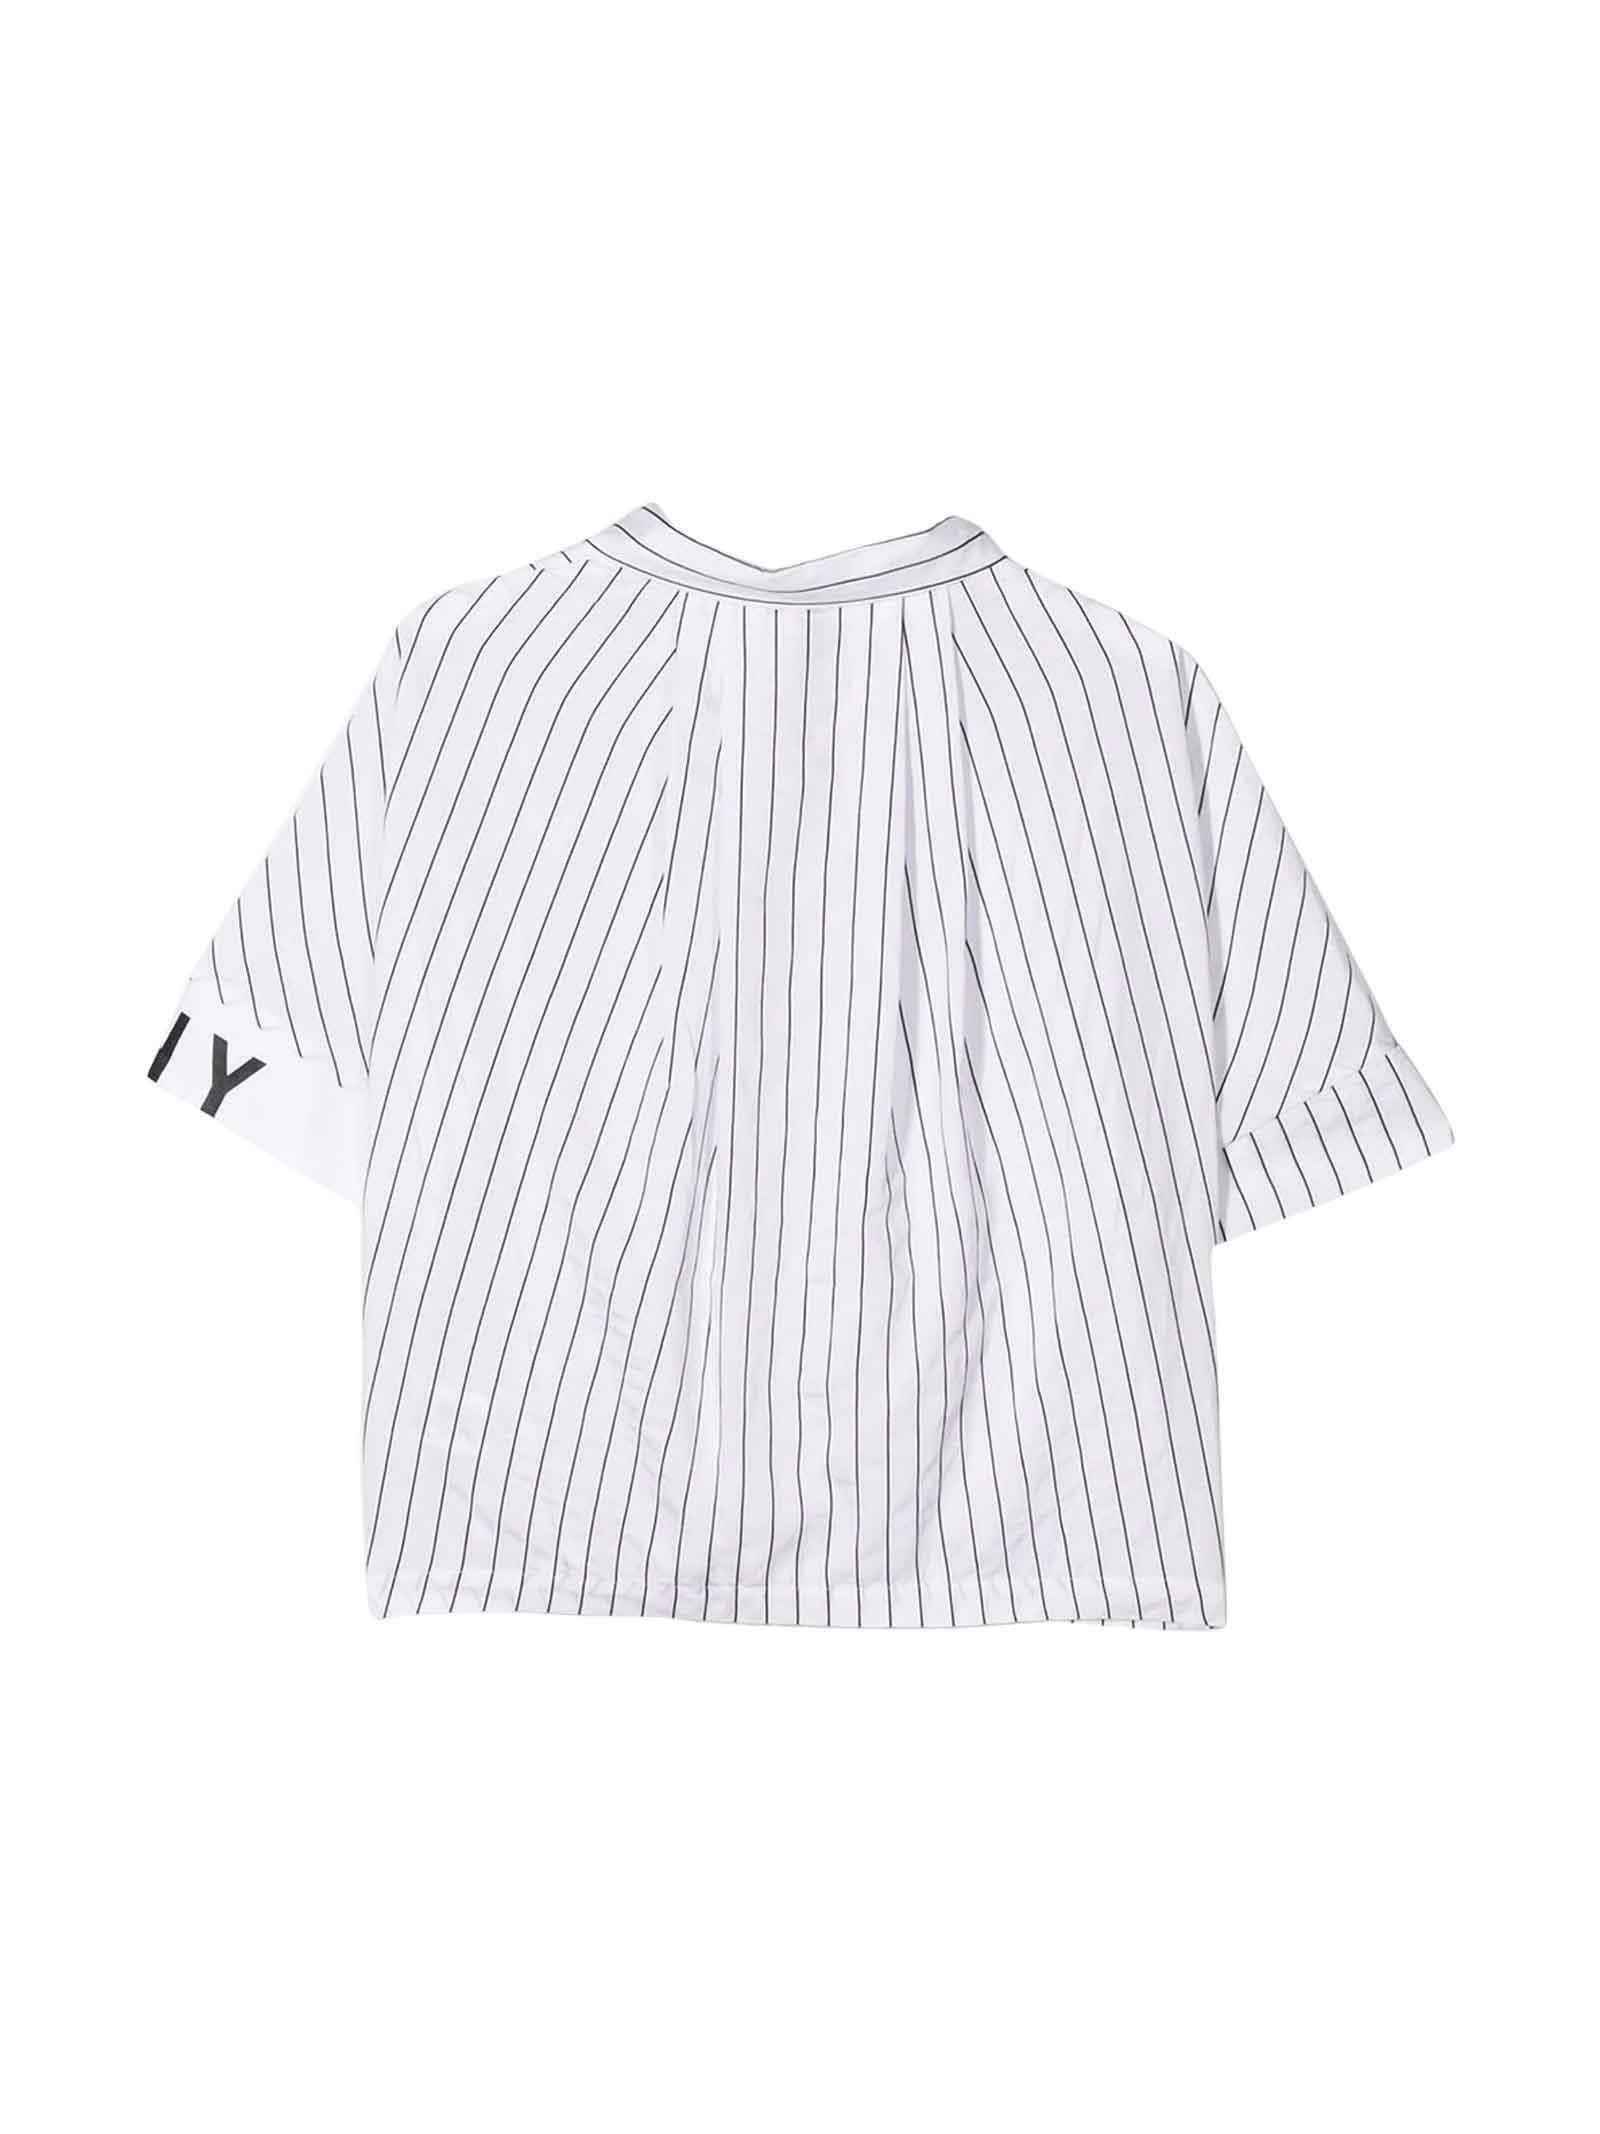 dkny dkny camicia bambina bianco d35q63